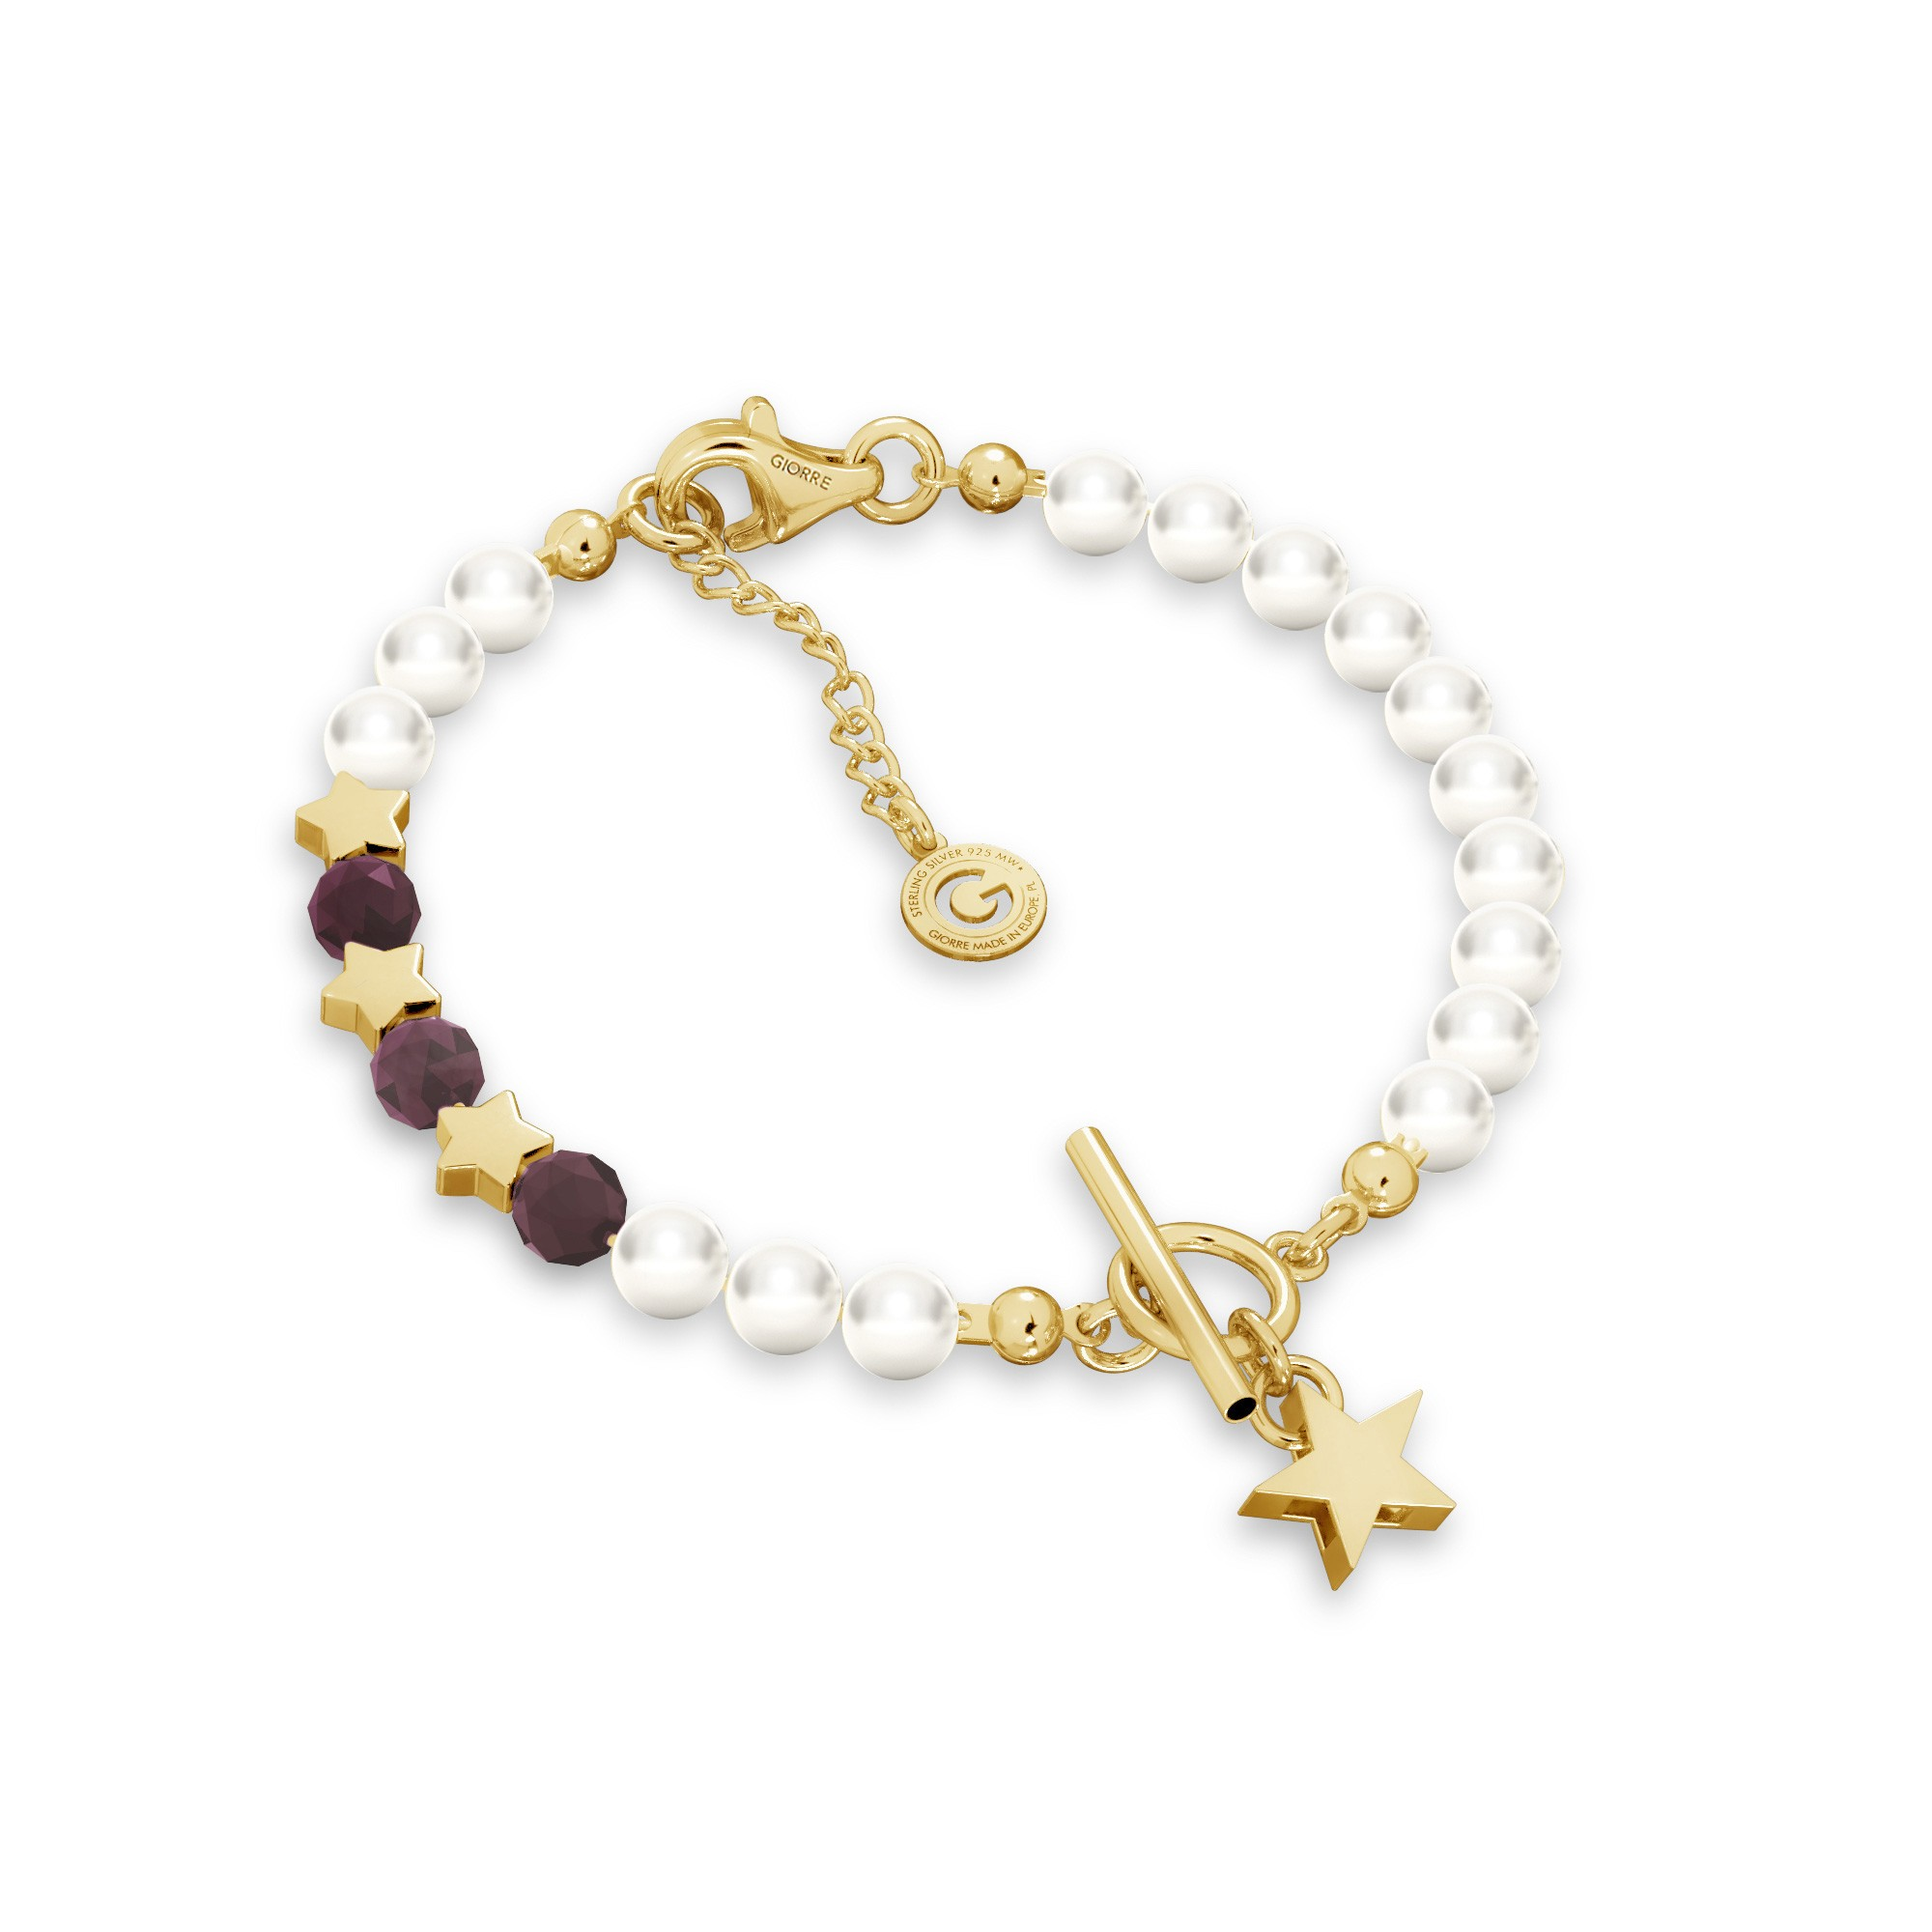 Rubinowa bransoletka z perłami i gwiazdkami, srebro 925